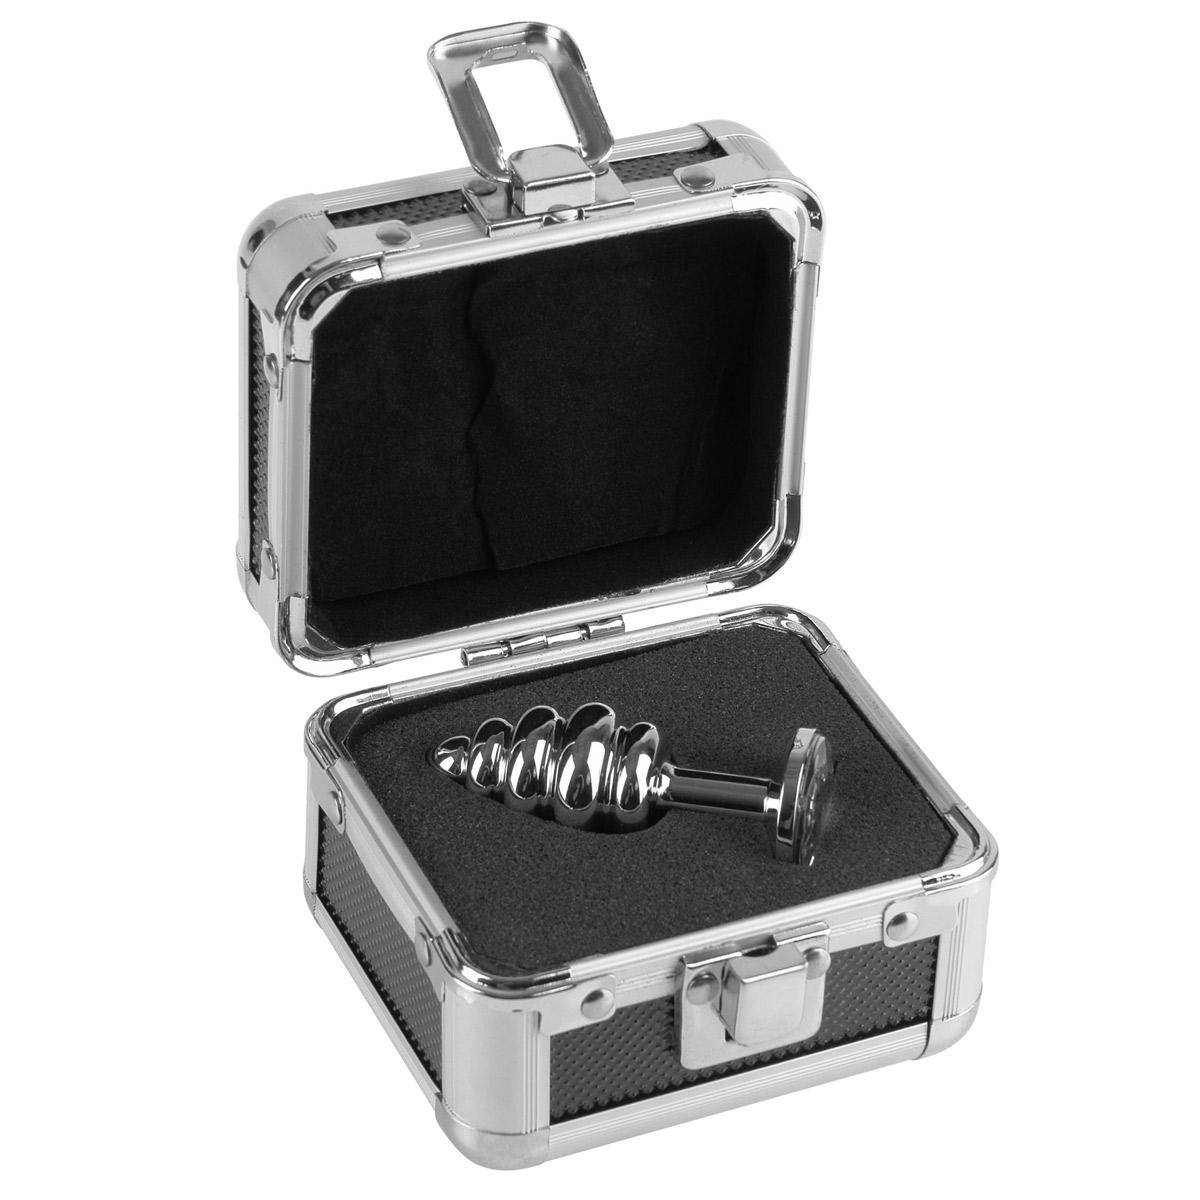 Анальная пробка Mini Ribbed Plug рифленая с кристаллом - 7,5 см. - фото 314406